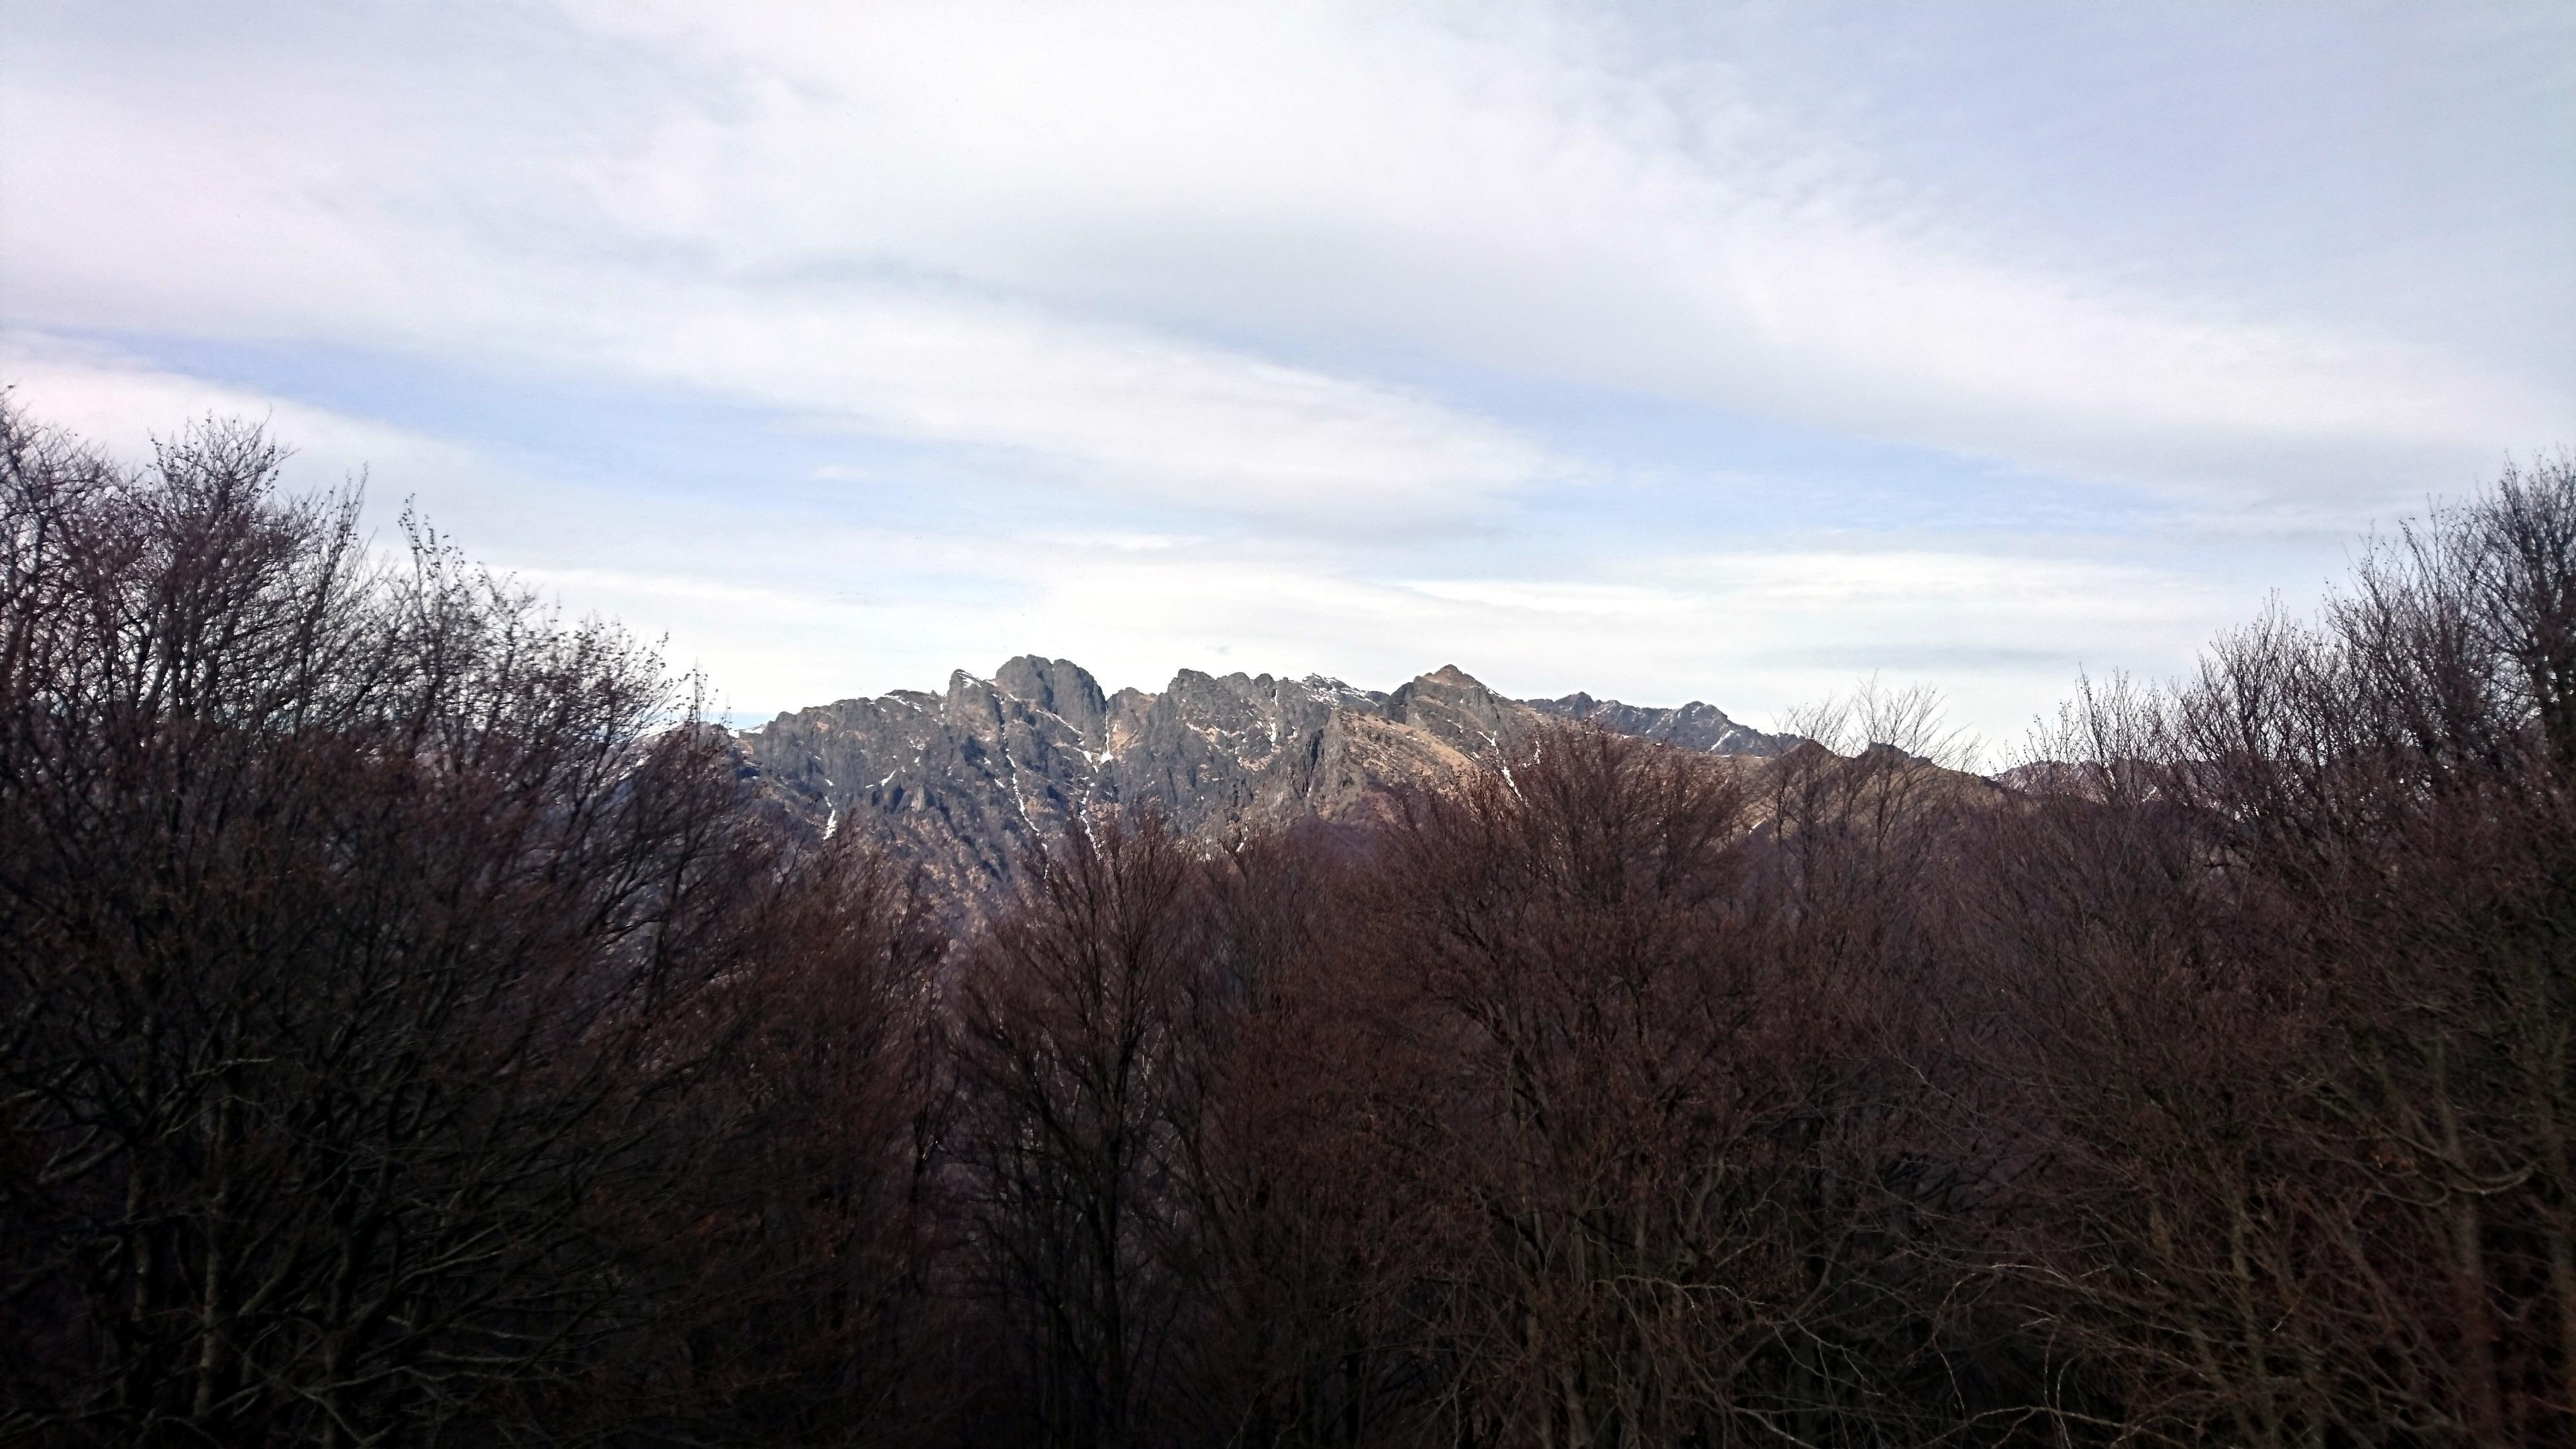 dalla cima del Fajè si vede bene il Pedum e la cresta che lo lega alla Laurasca (ancora innevata), oltre che la Cima Sasso (che invece abbiamo già salito anni fa: http://www.inmontagna.blog/cima-sasso-val-grande/)